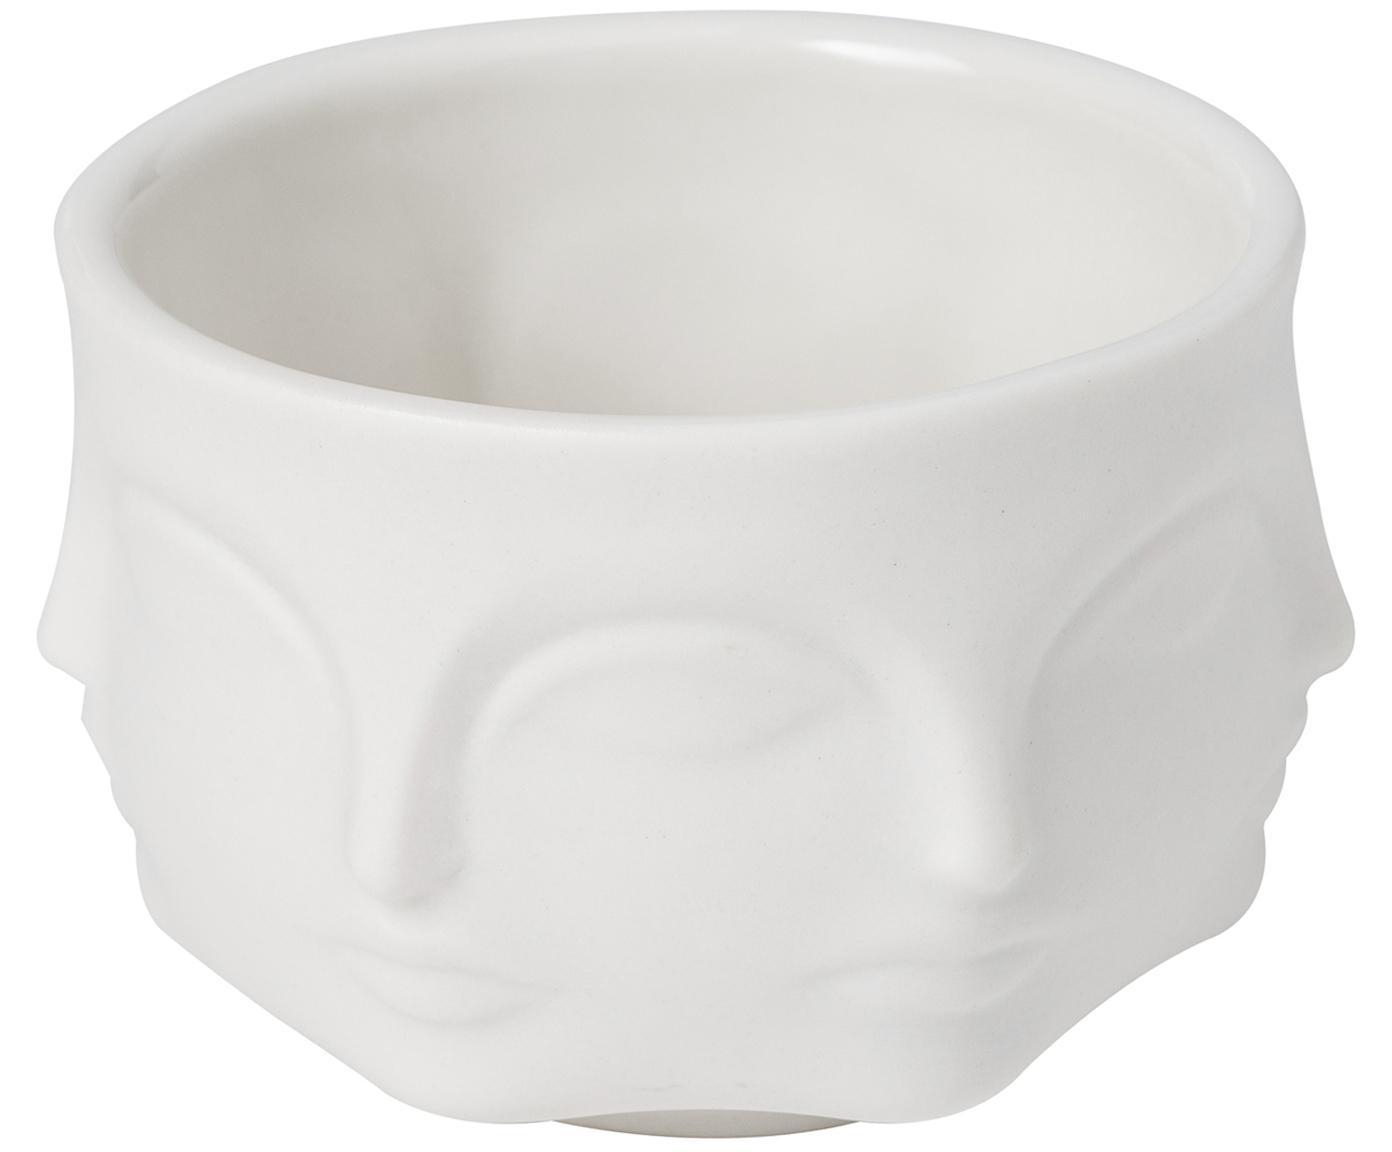 Cuenco de diseño Muse, Porcelana, Blanco, Ø 7 cm